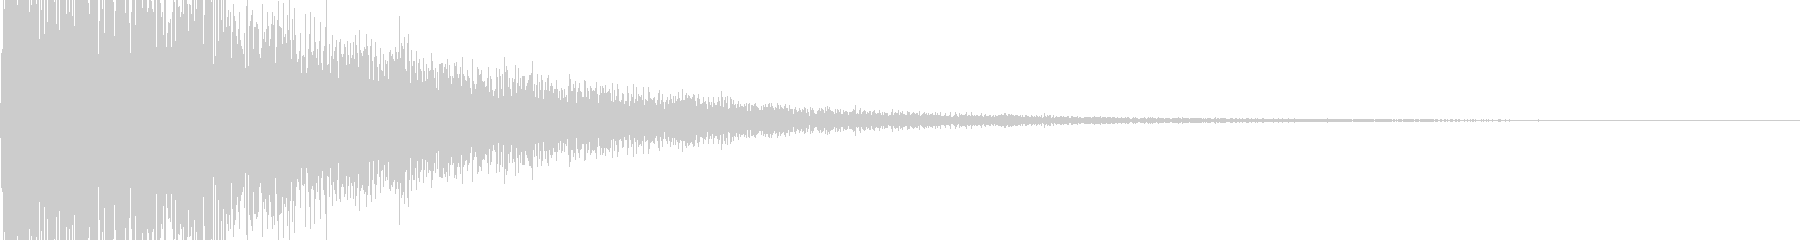 ピロロン 高めの未再生の波形